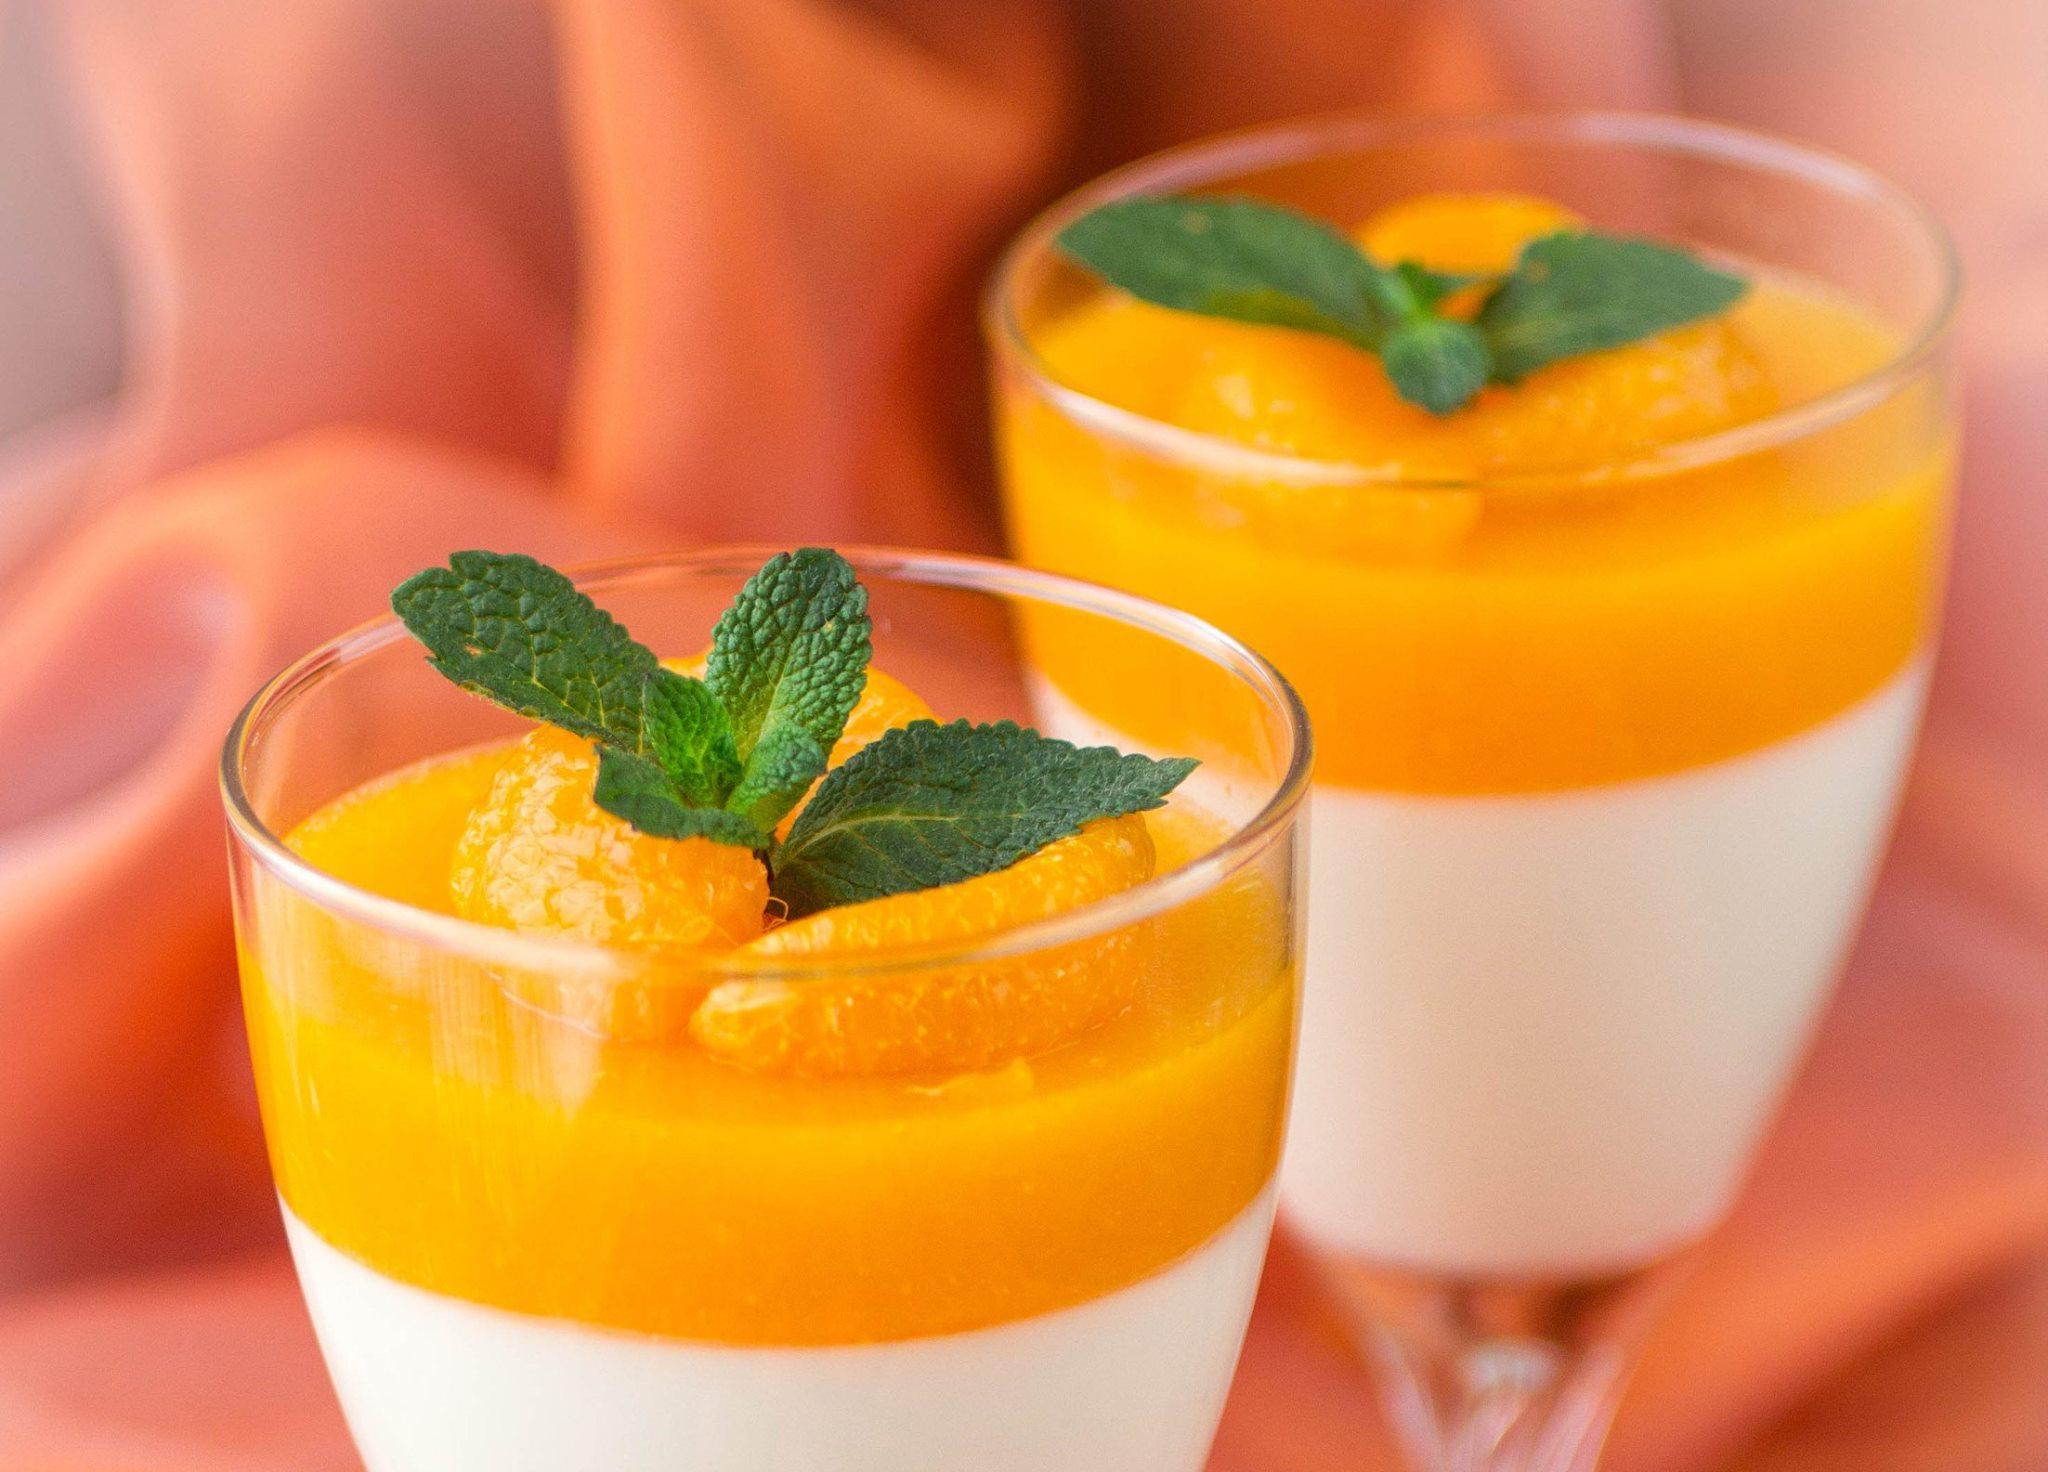 рецепт панна котта с апельсиновым соком фото никак, этот